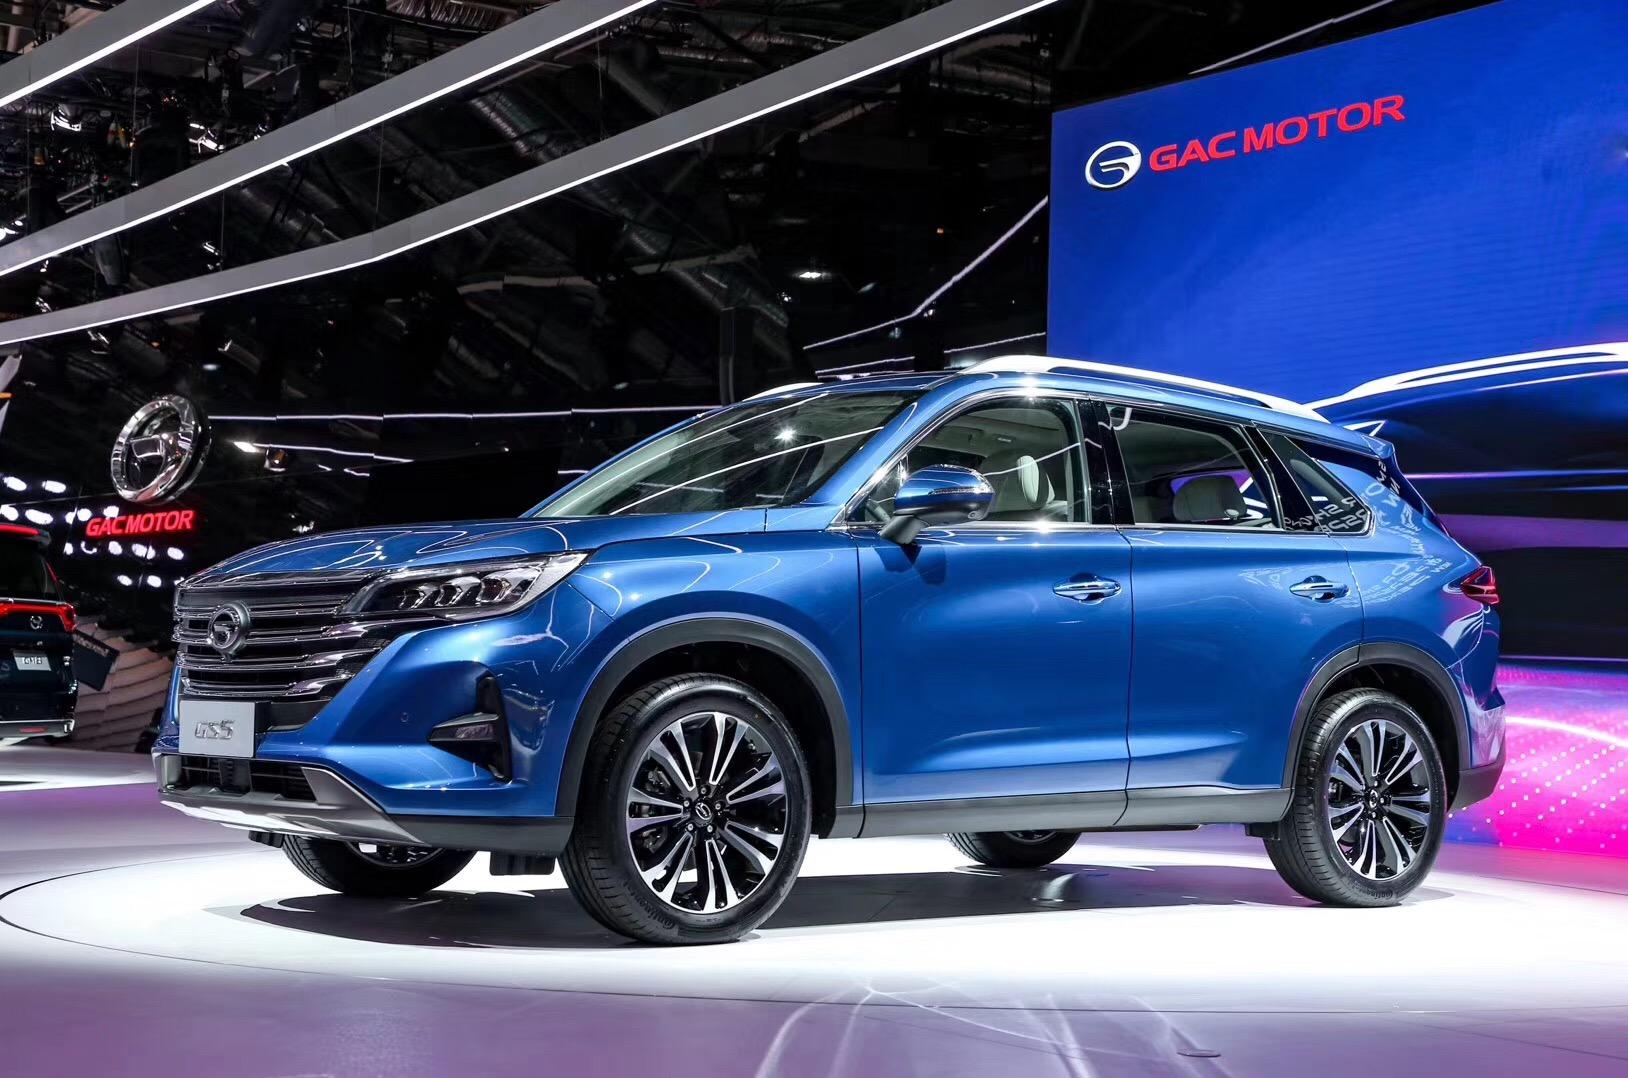 传祺一重磅SUV车型GS5亮相巴黎国际车展 预售12万起